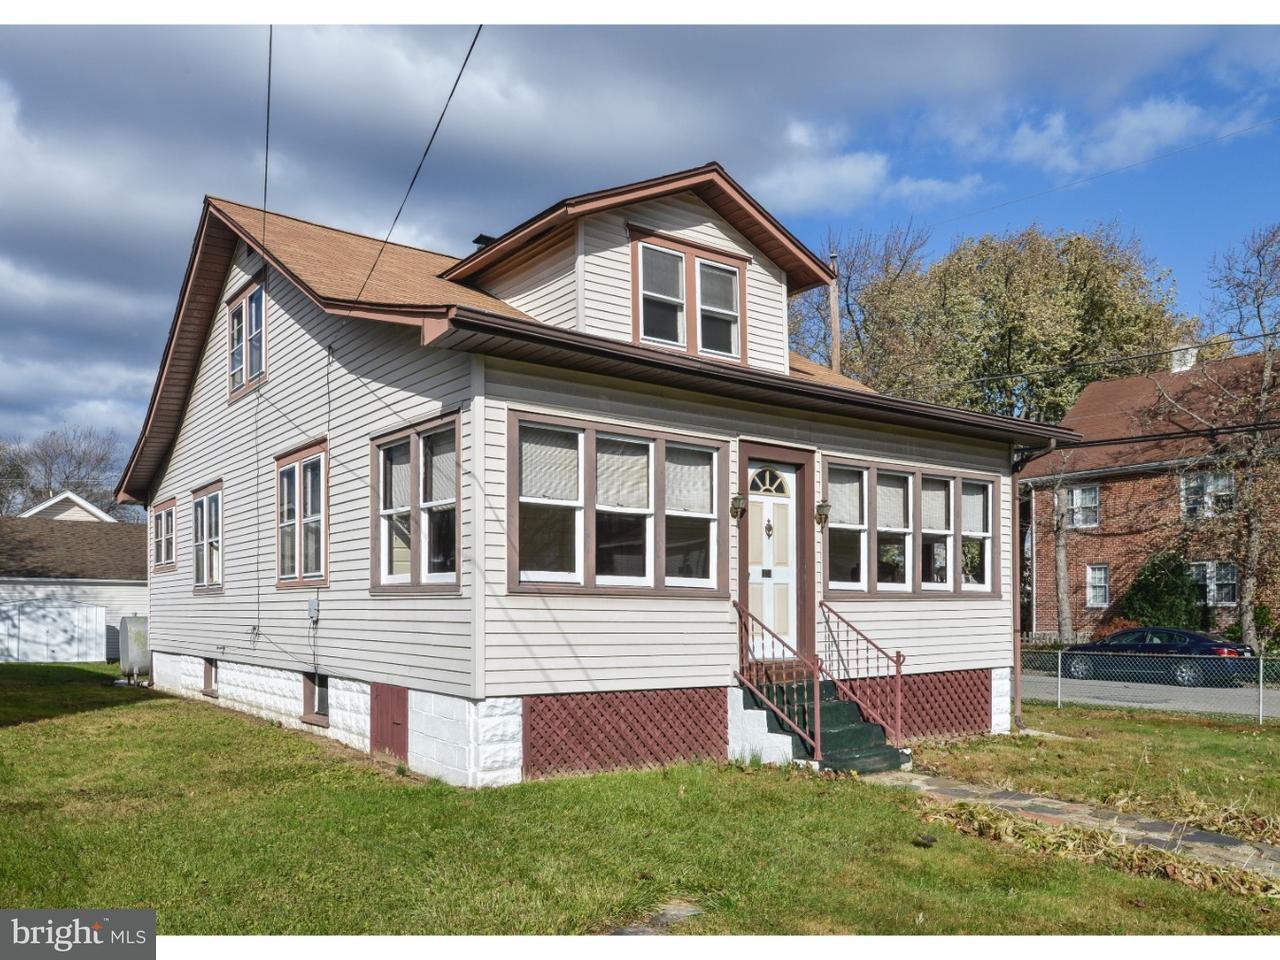 Maison unifamiliale pour l Vente à 1104 GALBRAITH Avenue Marcus Hook, Pennsylvanie 19061 États-Unis